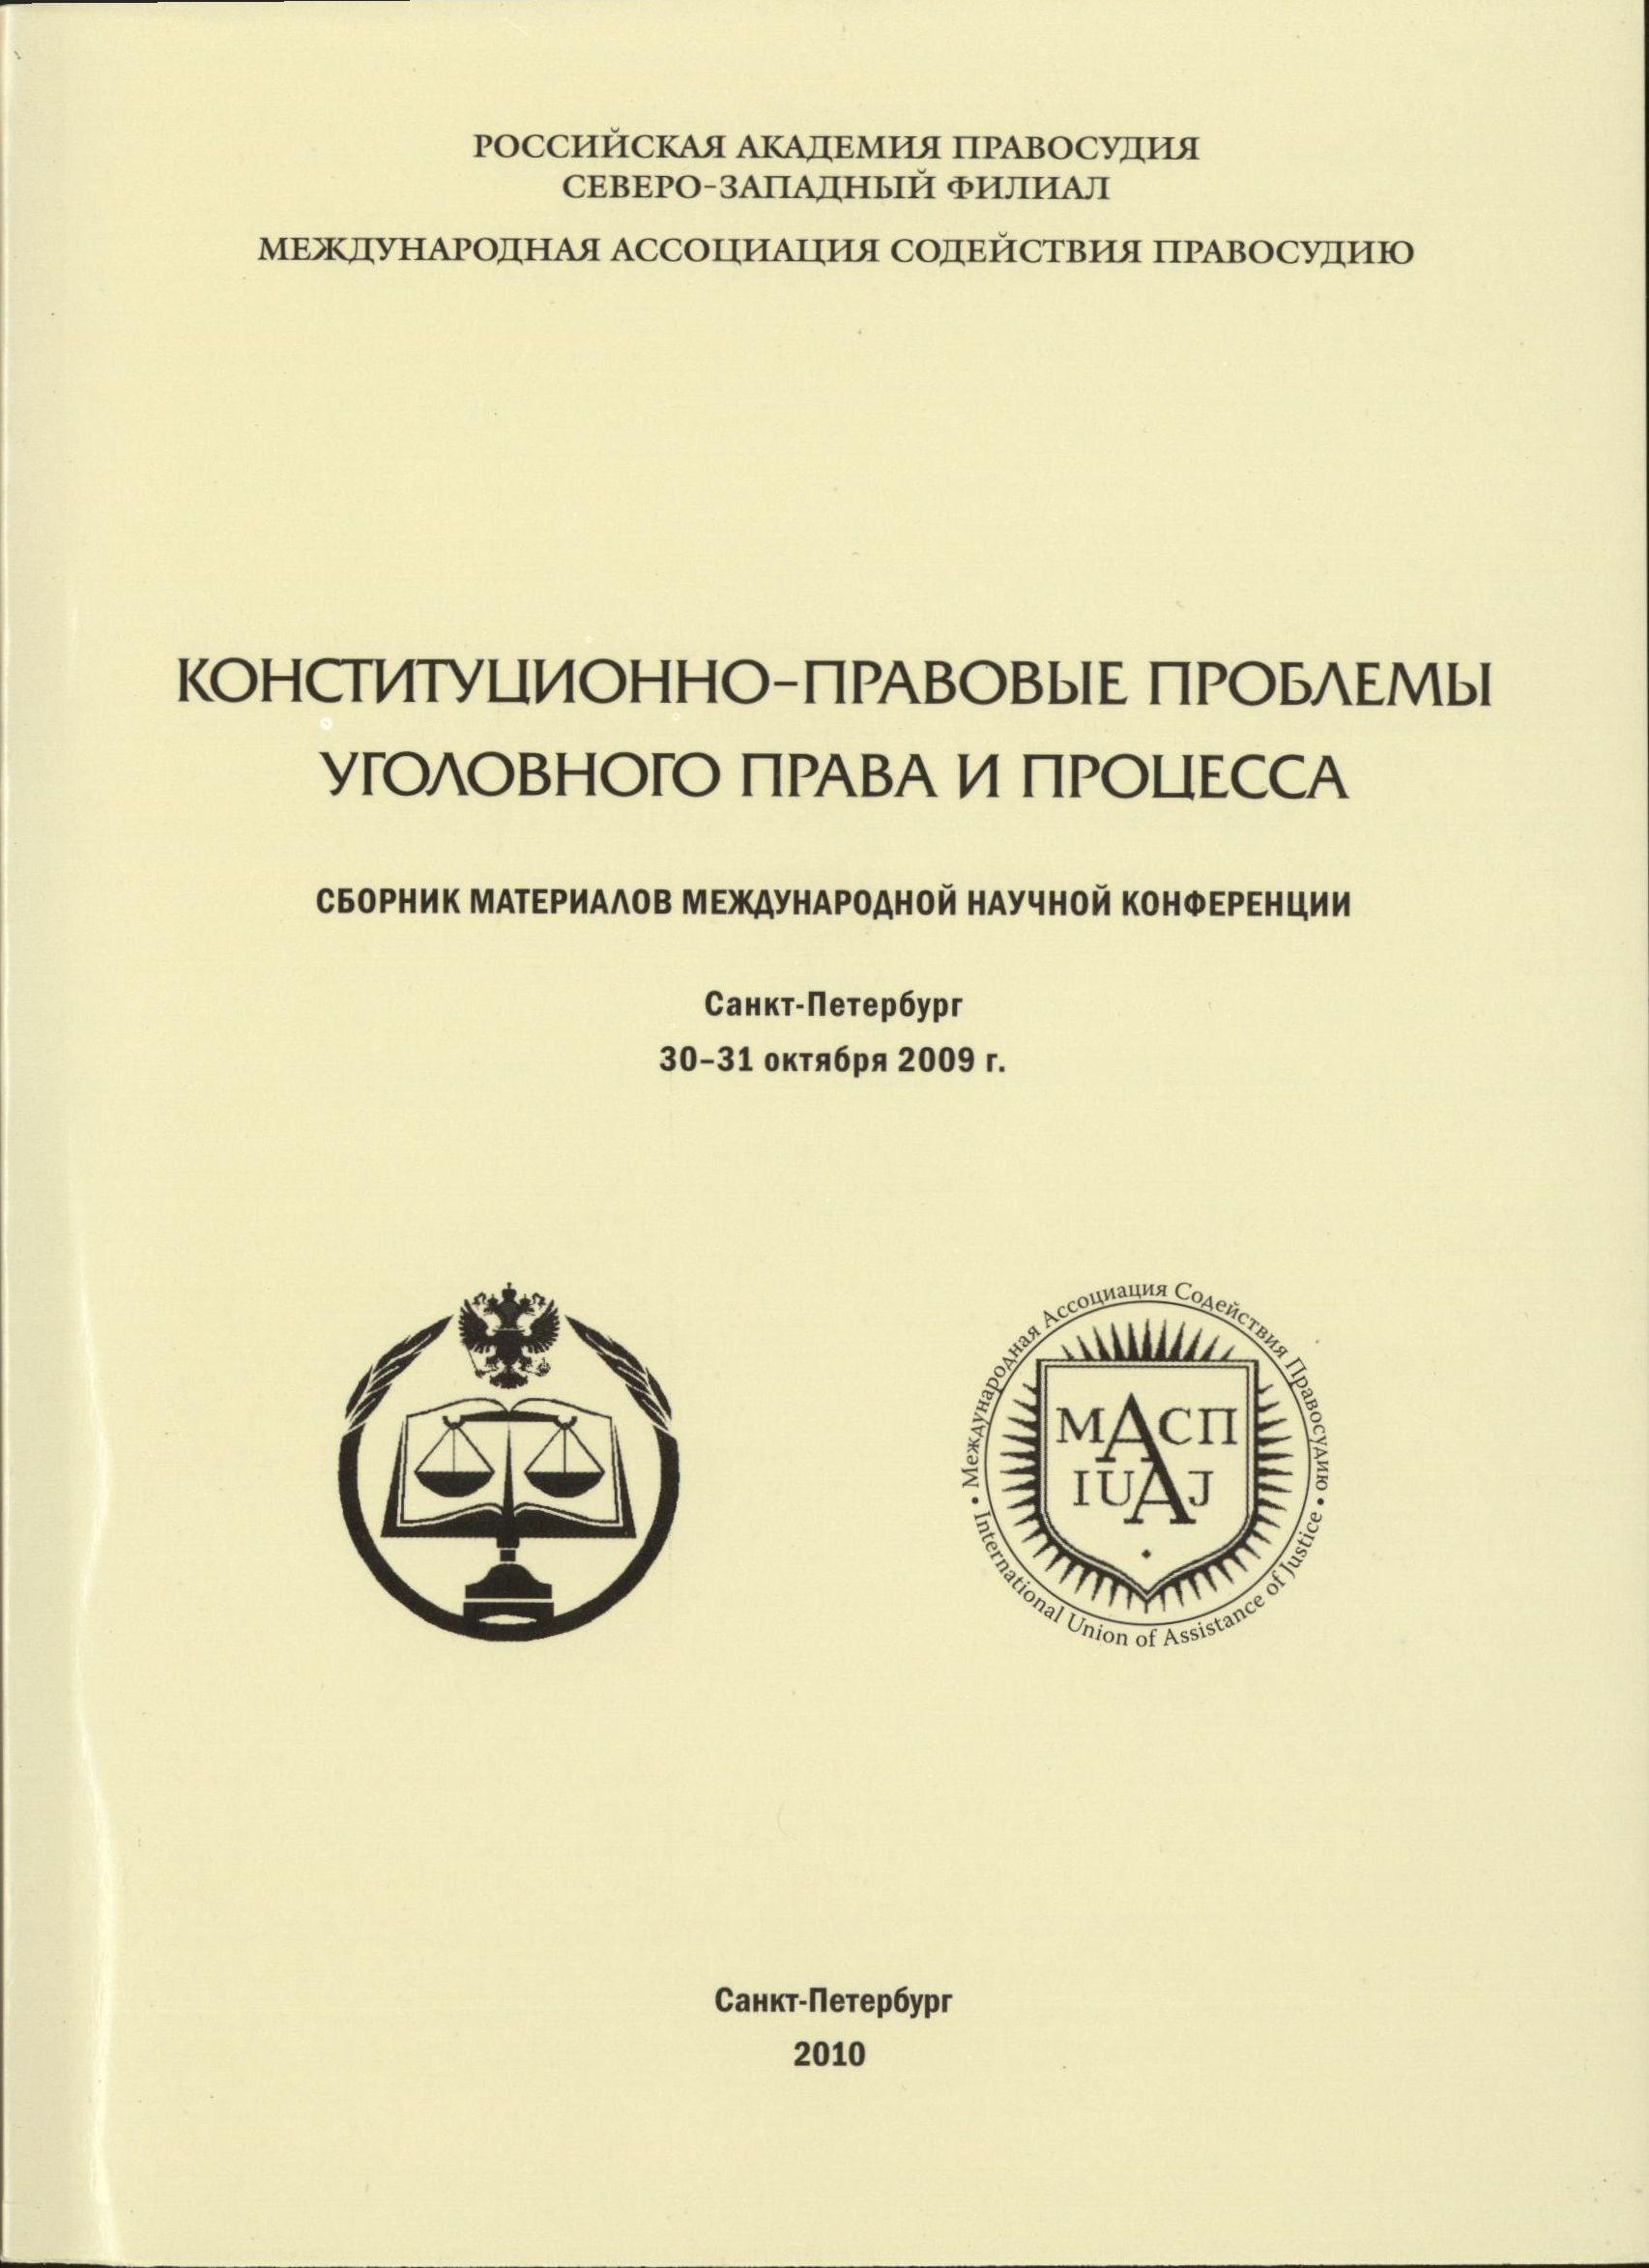 конституционно-правовые проблемы уголовного права и процесса